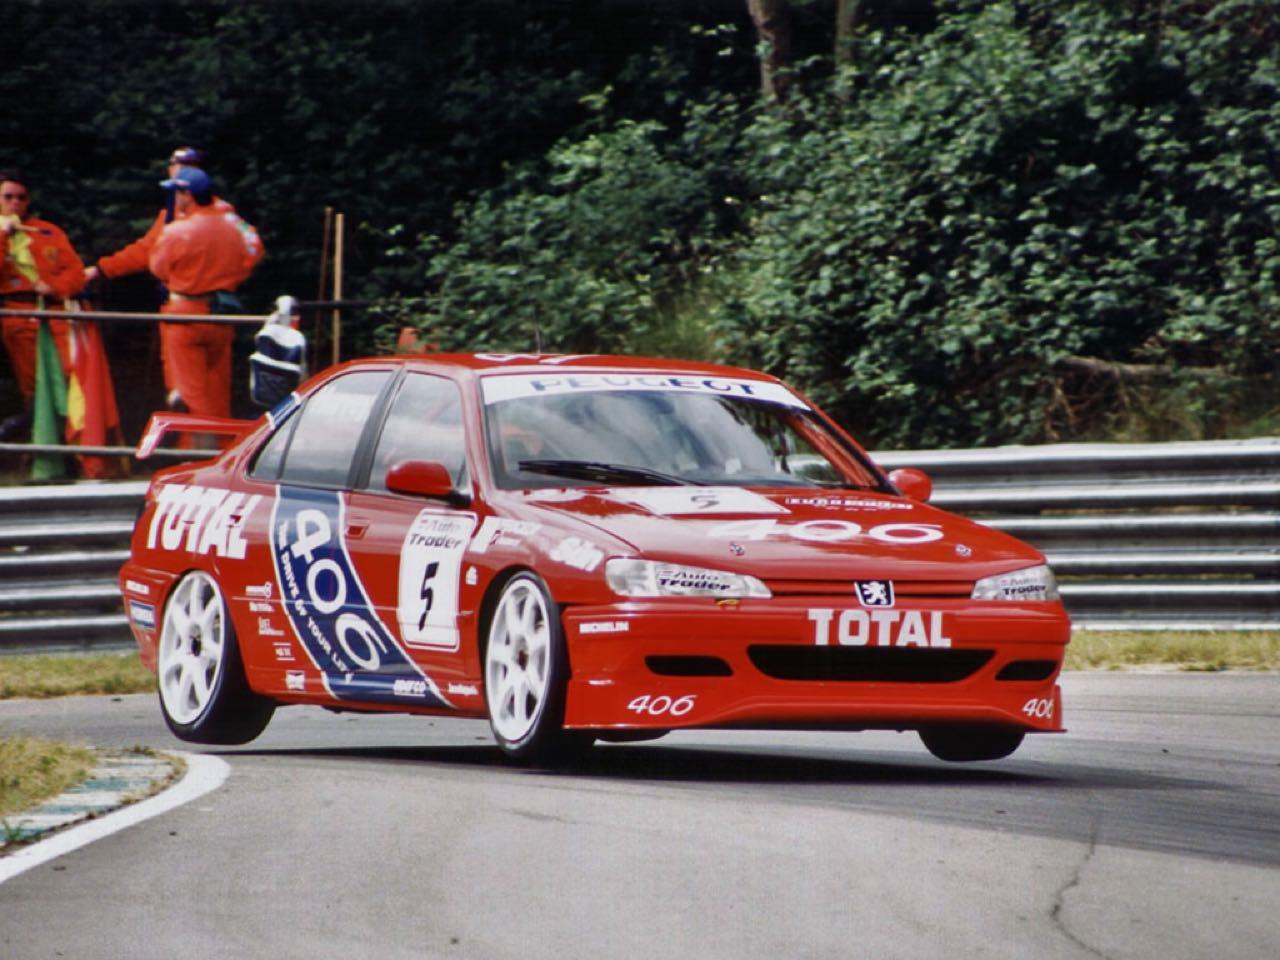 Peugeot 406 Touring Car... L'arme de Sochaux ! 11